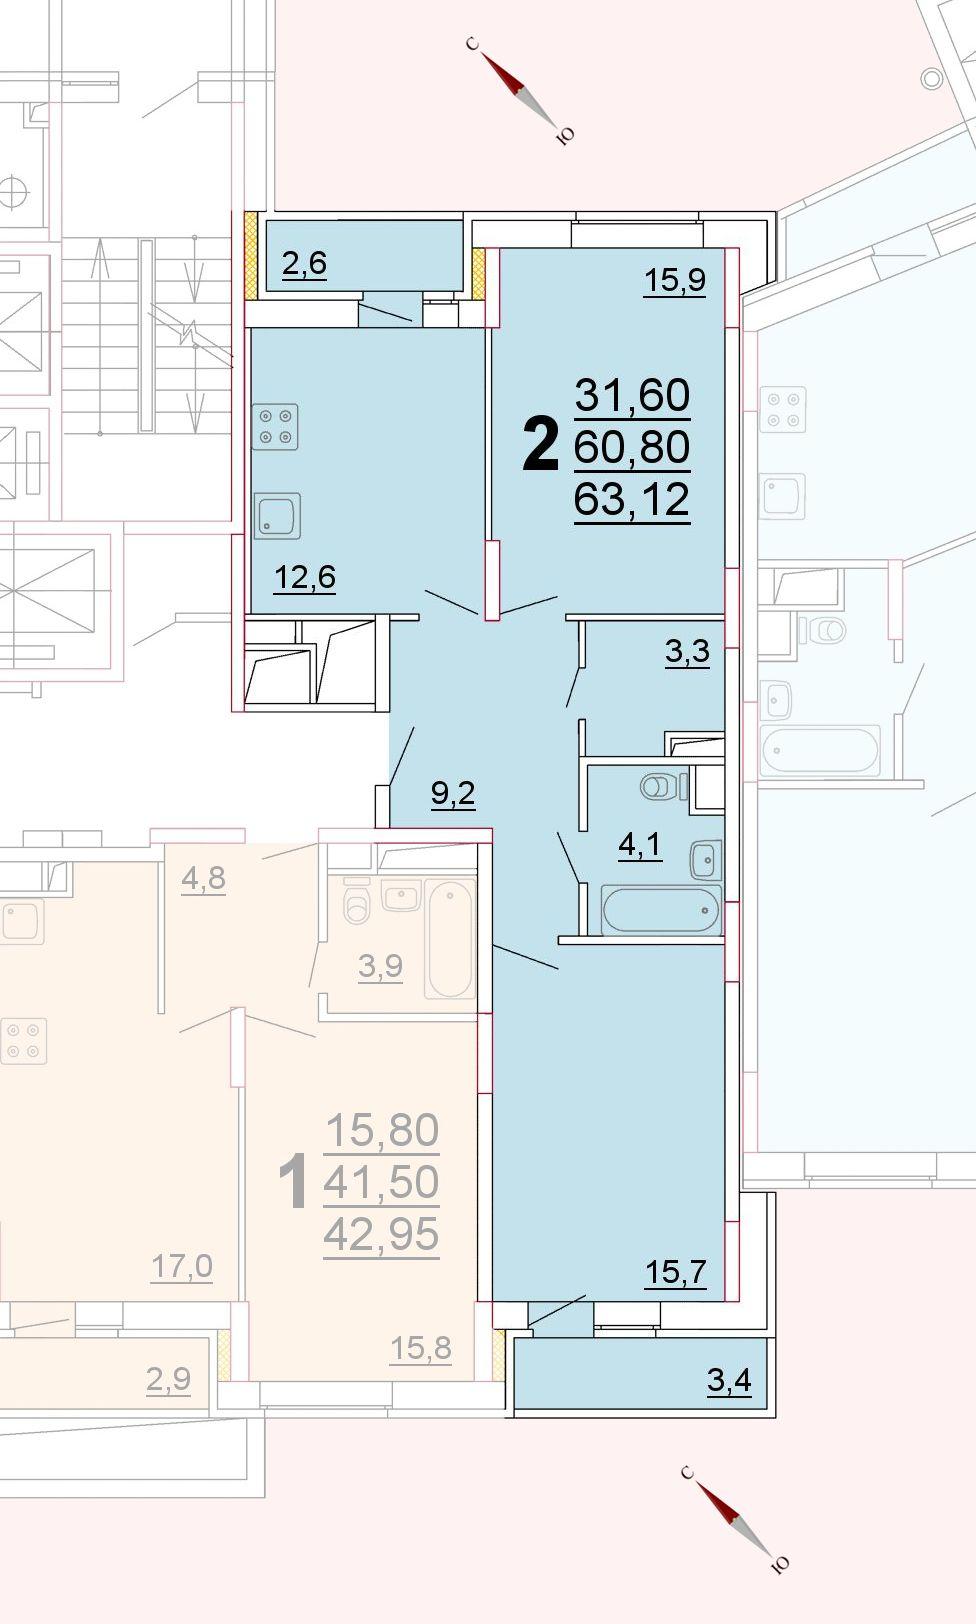 Микрорайон «Центральный», корпус 52г, секция 2, квартира 63,12 м2